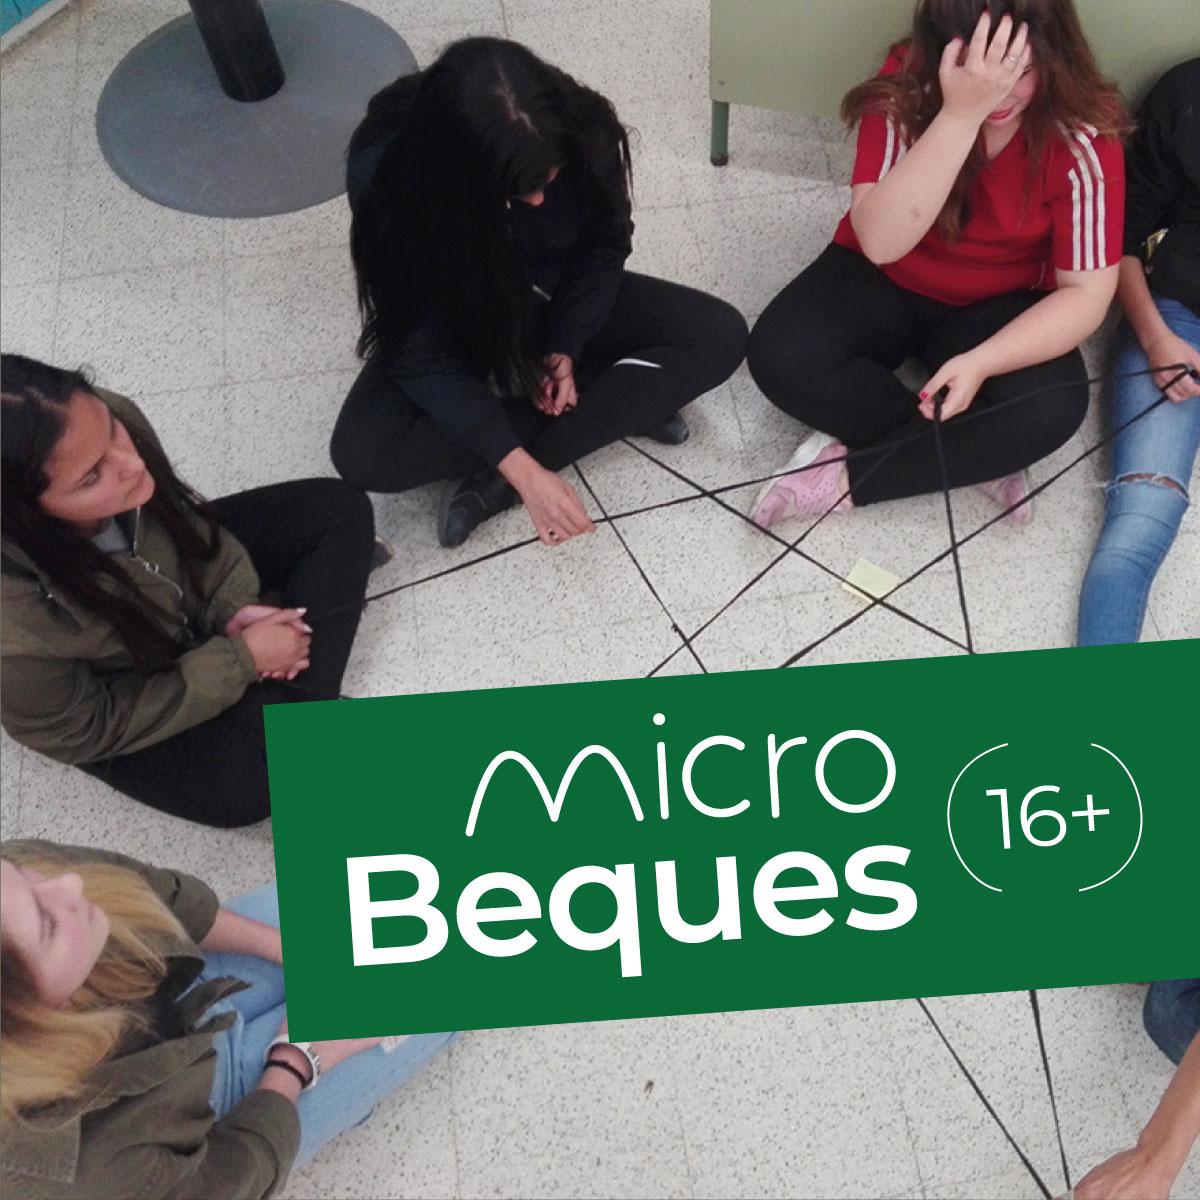 microBeques per a joves de més de 16 anys